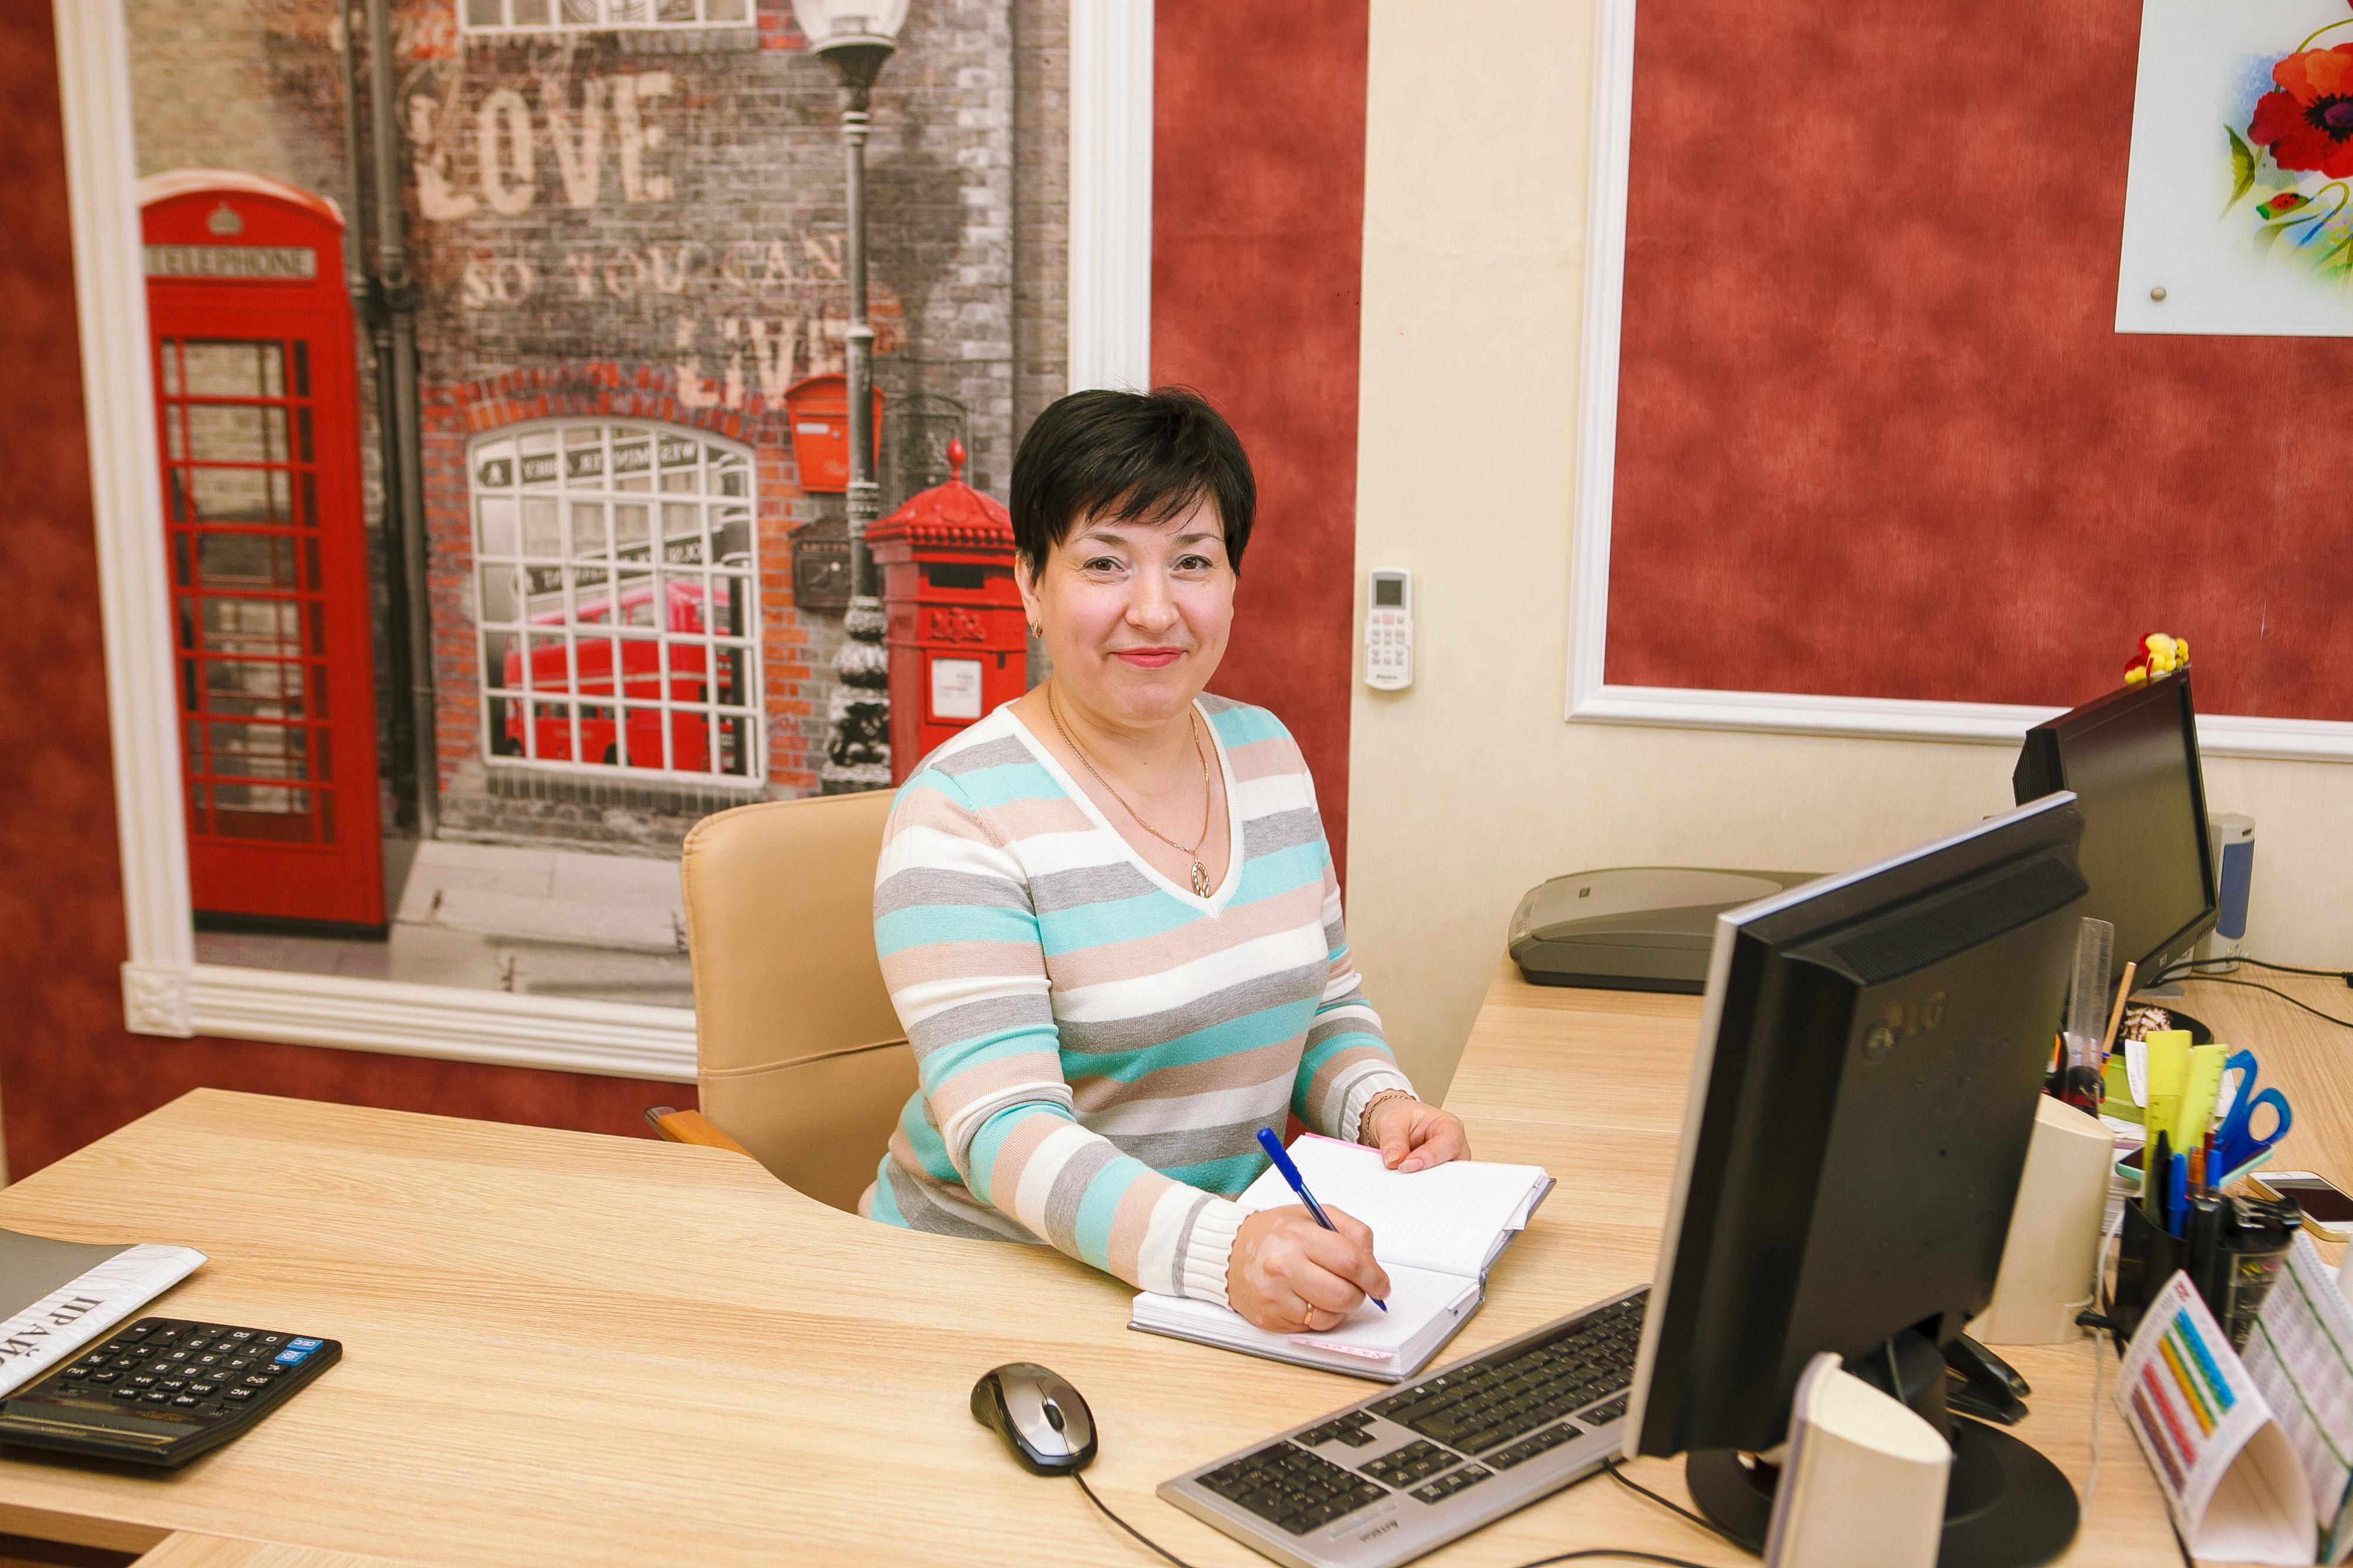 Удаленная работа бухгалтера в нижнем новгороде вакансии удаленная работа дому киев